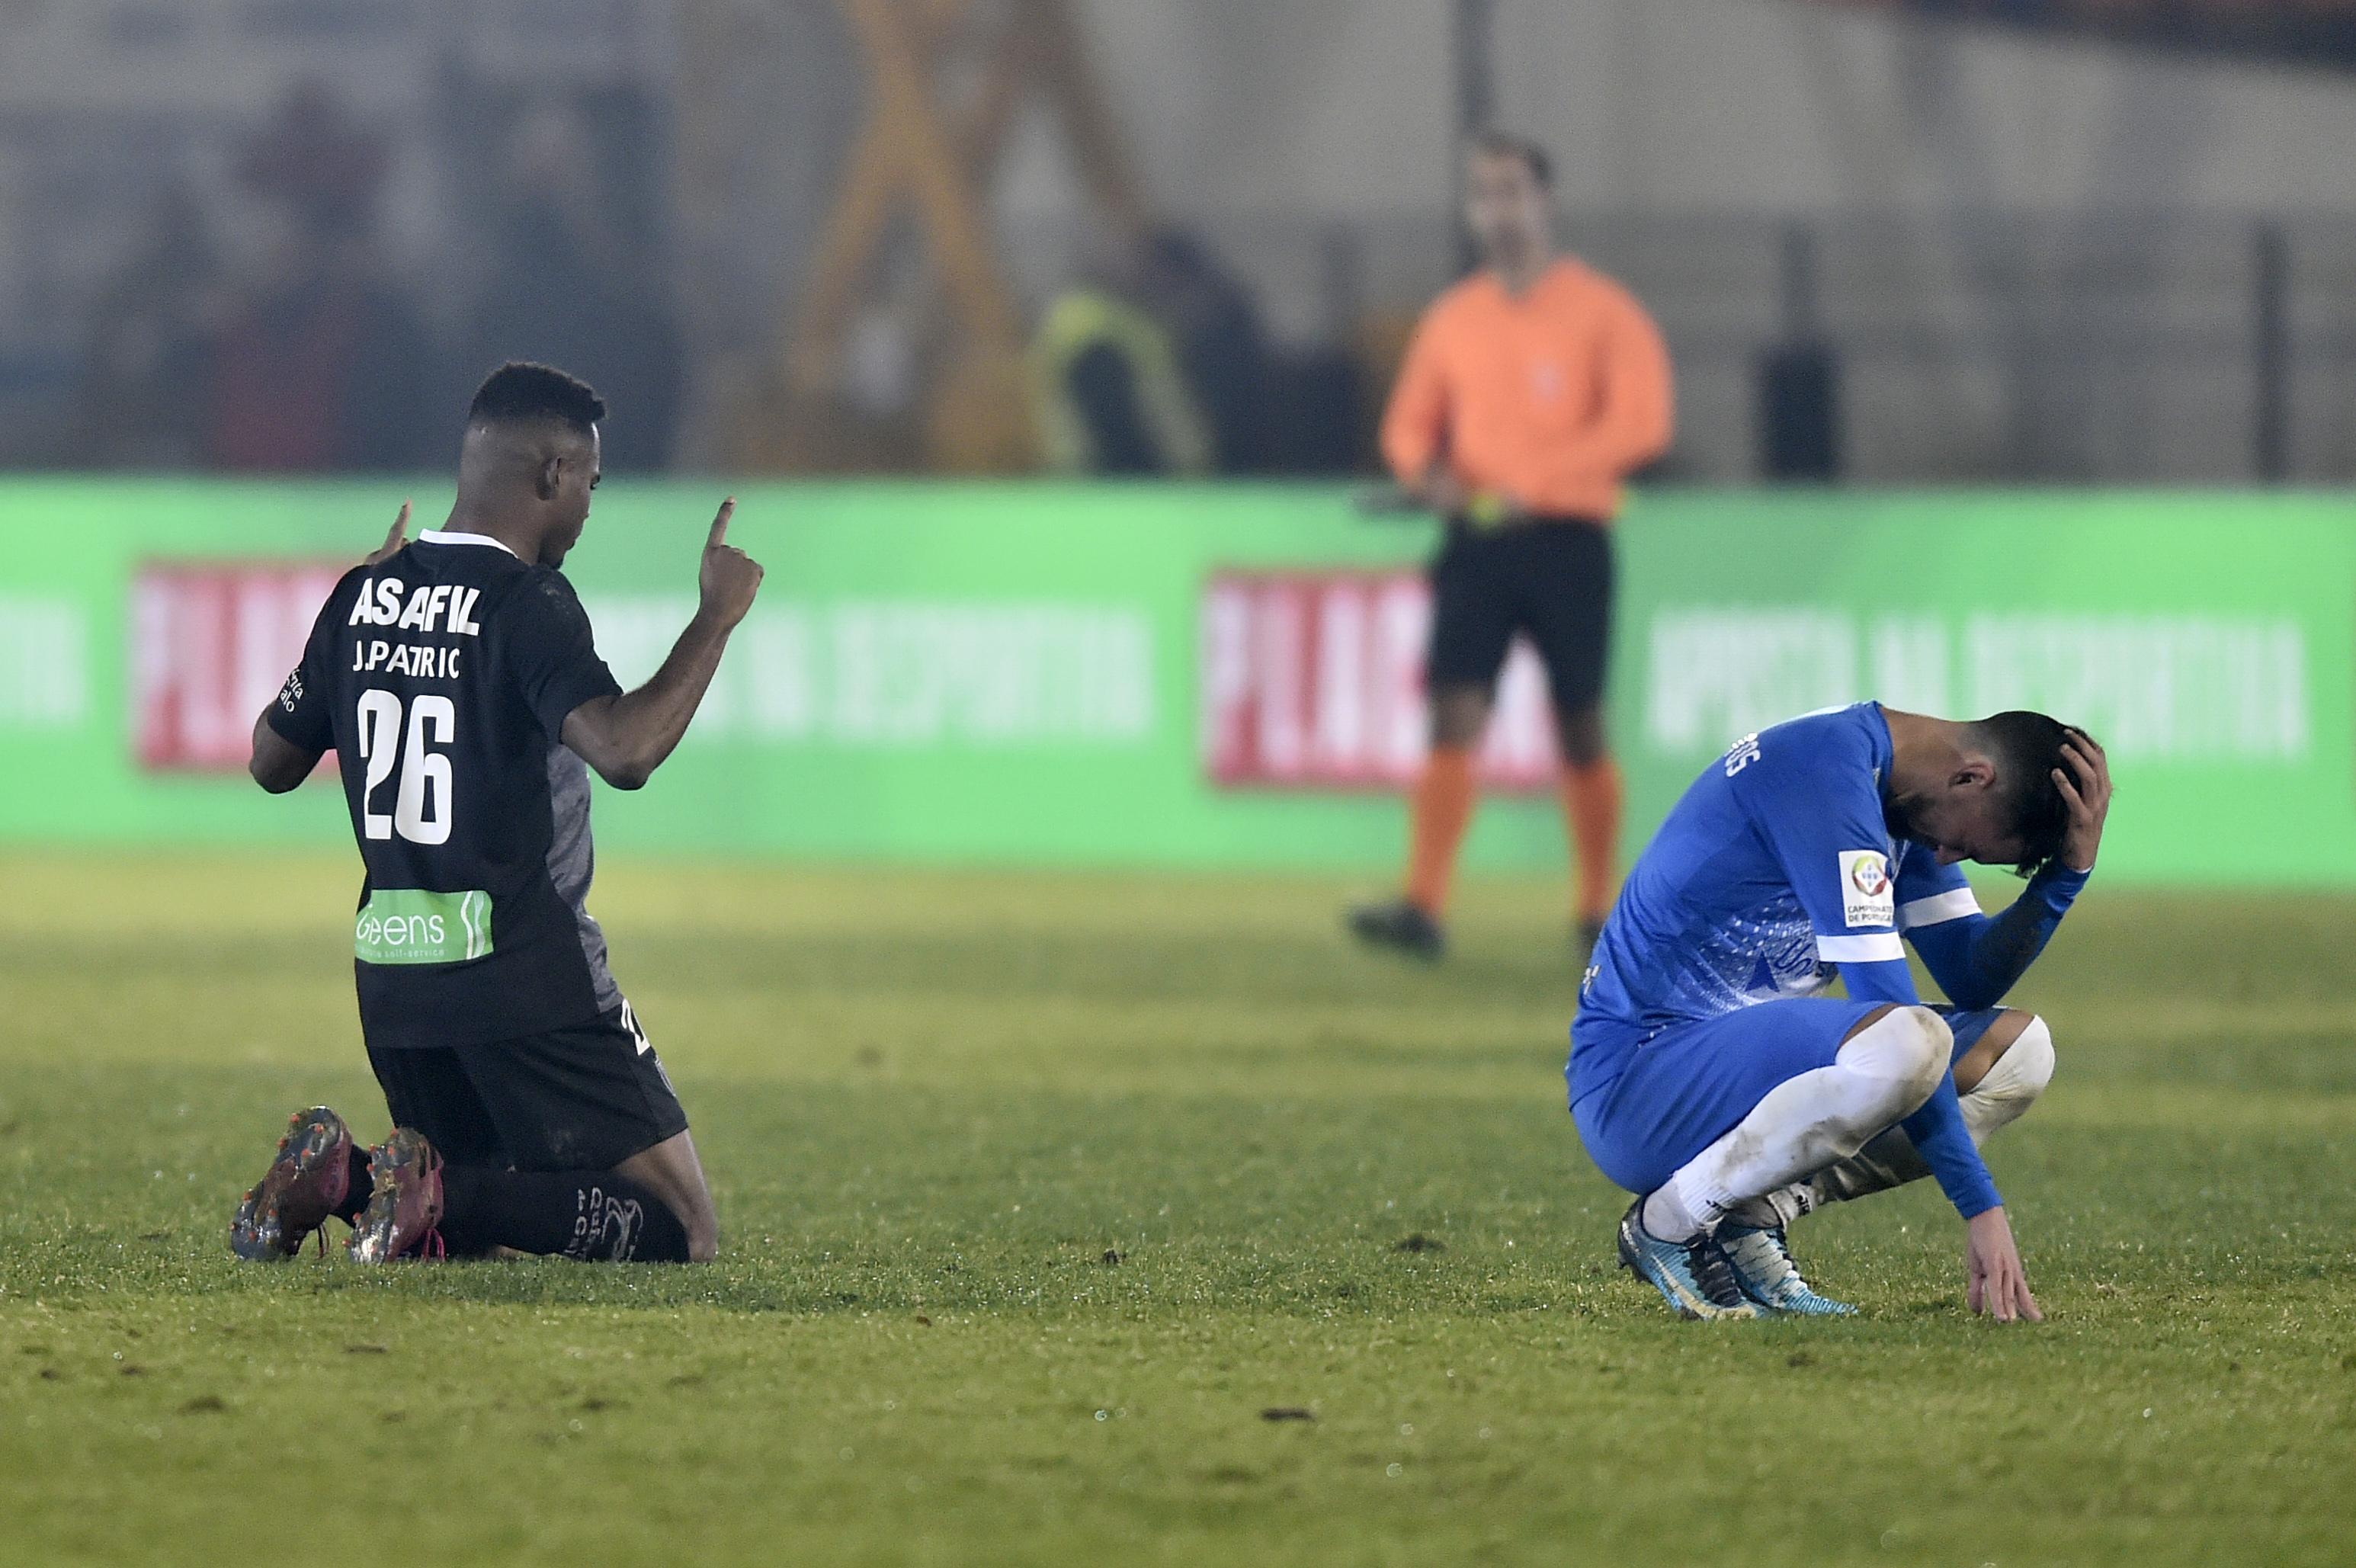 Jogo do Académico de Viseu com o FC Porto da Taça poderá não ser no Fontelo